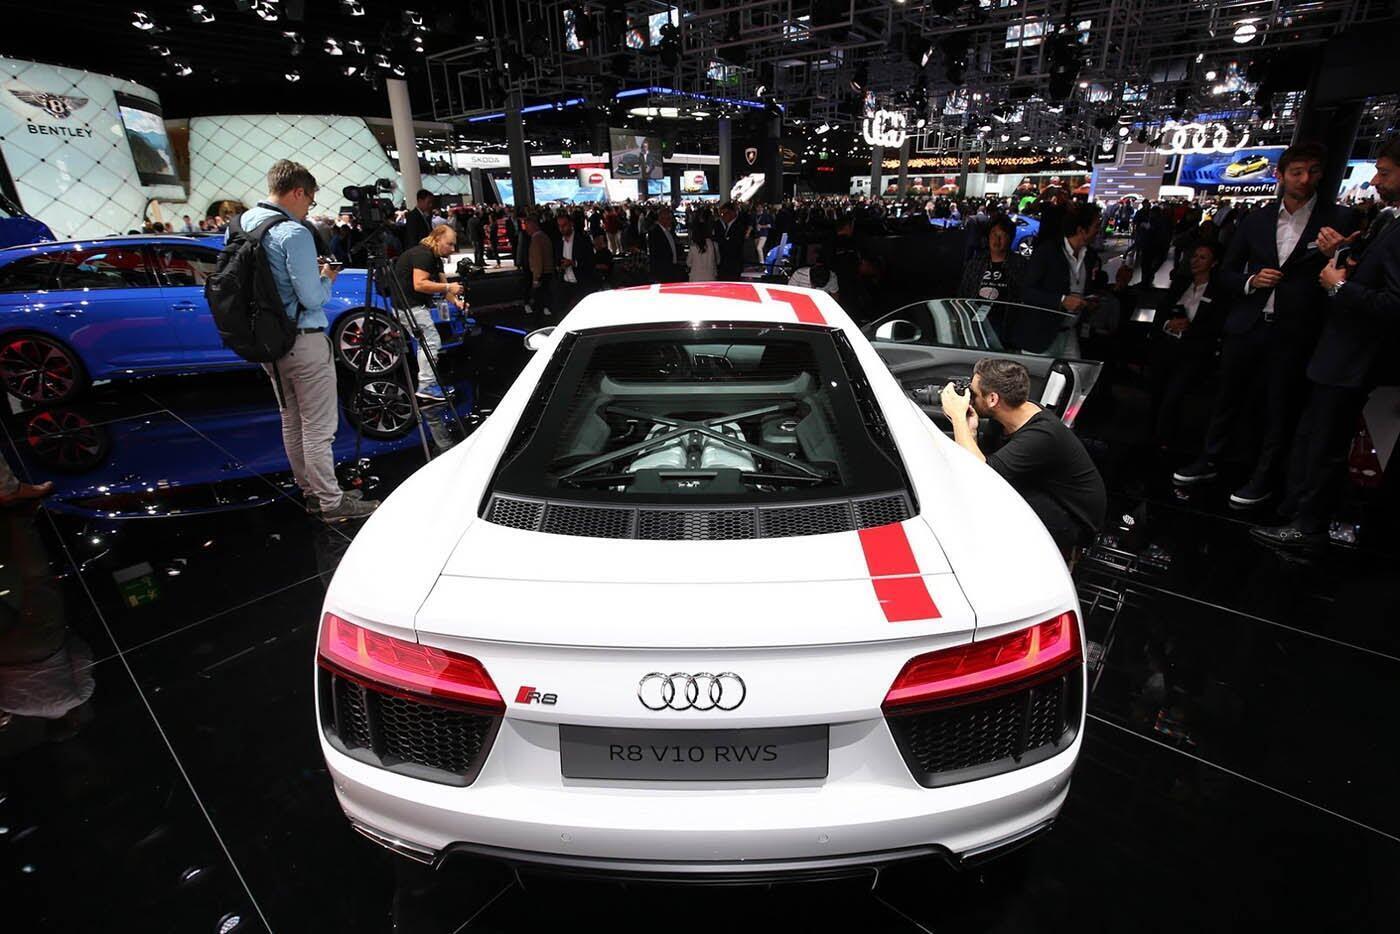 """Audi giới thiệu """"hàng hiếm"""" R8 V10 RWS - Hình 8"""